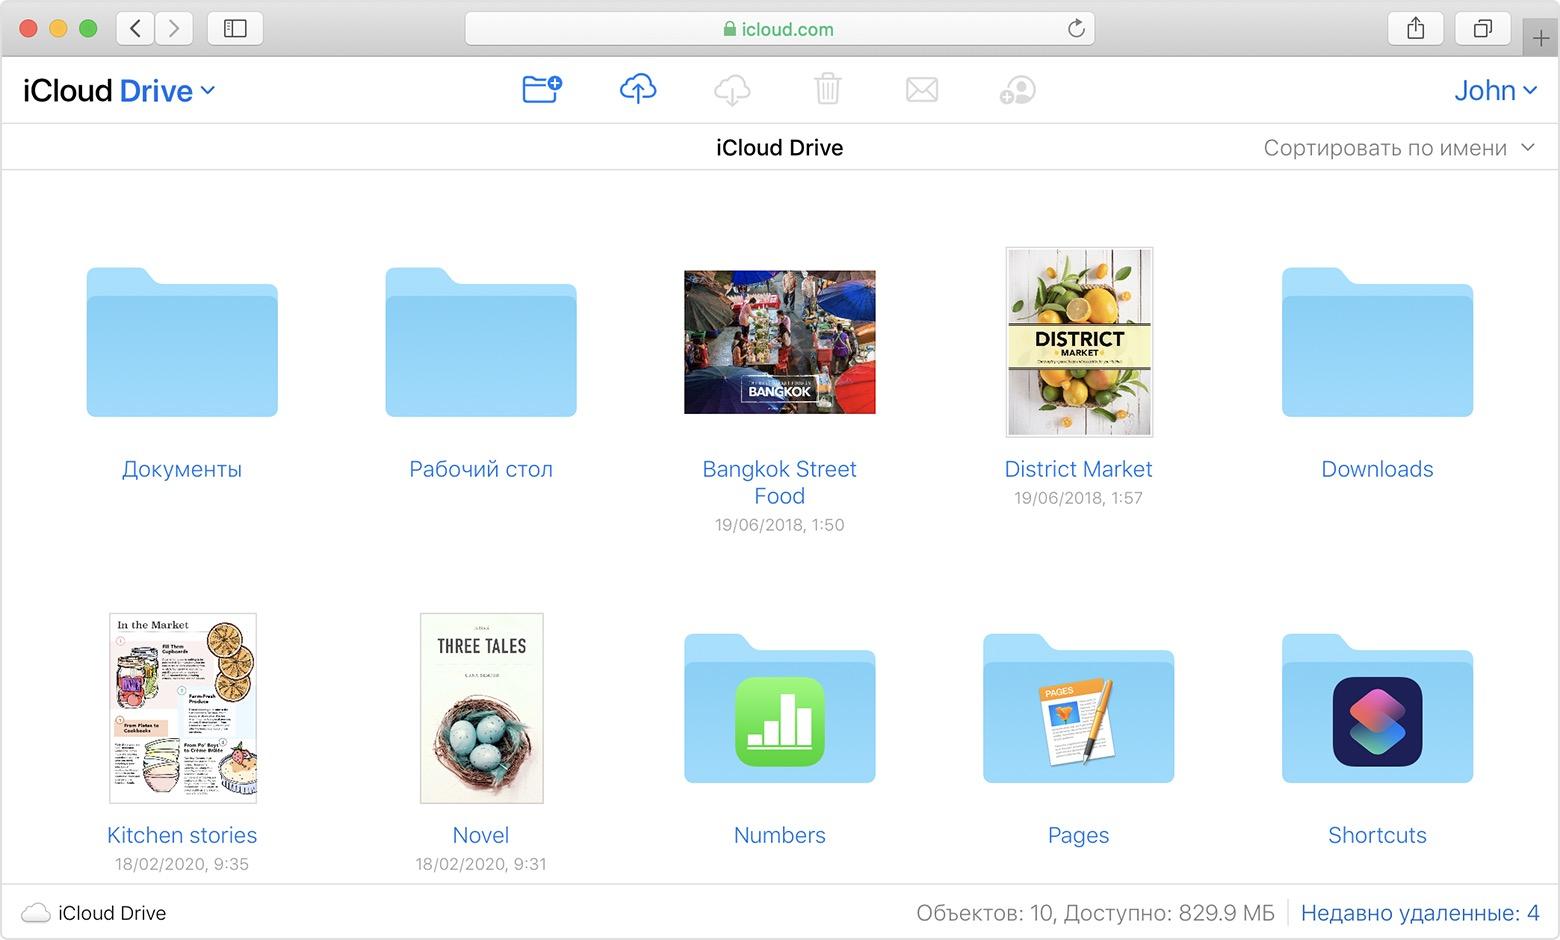 Как пользоваться icloud drive и что это такое? ответы от айфоныча